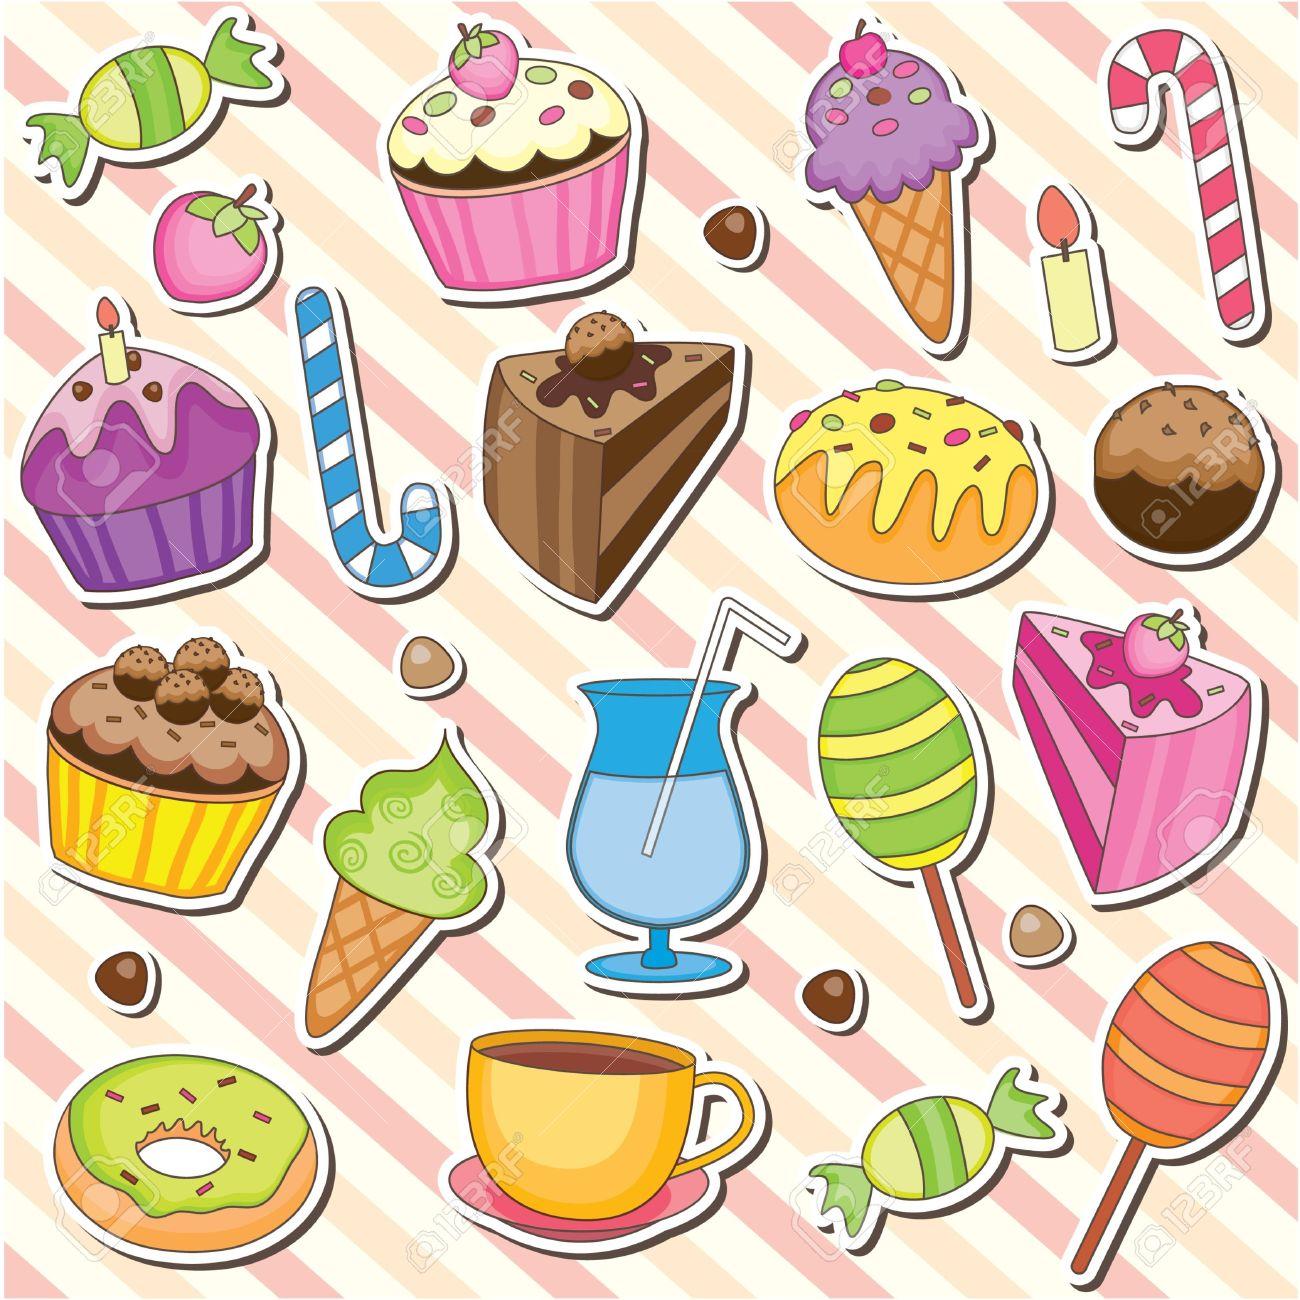 Dessert Tray Clip Art 74123.